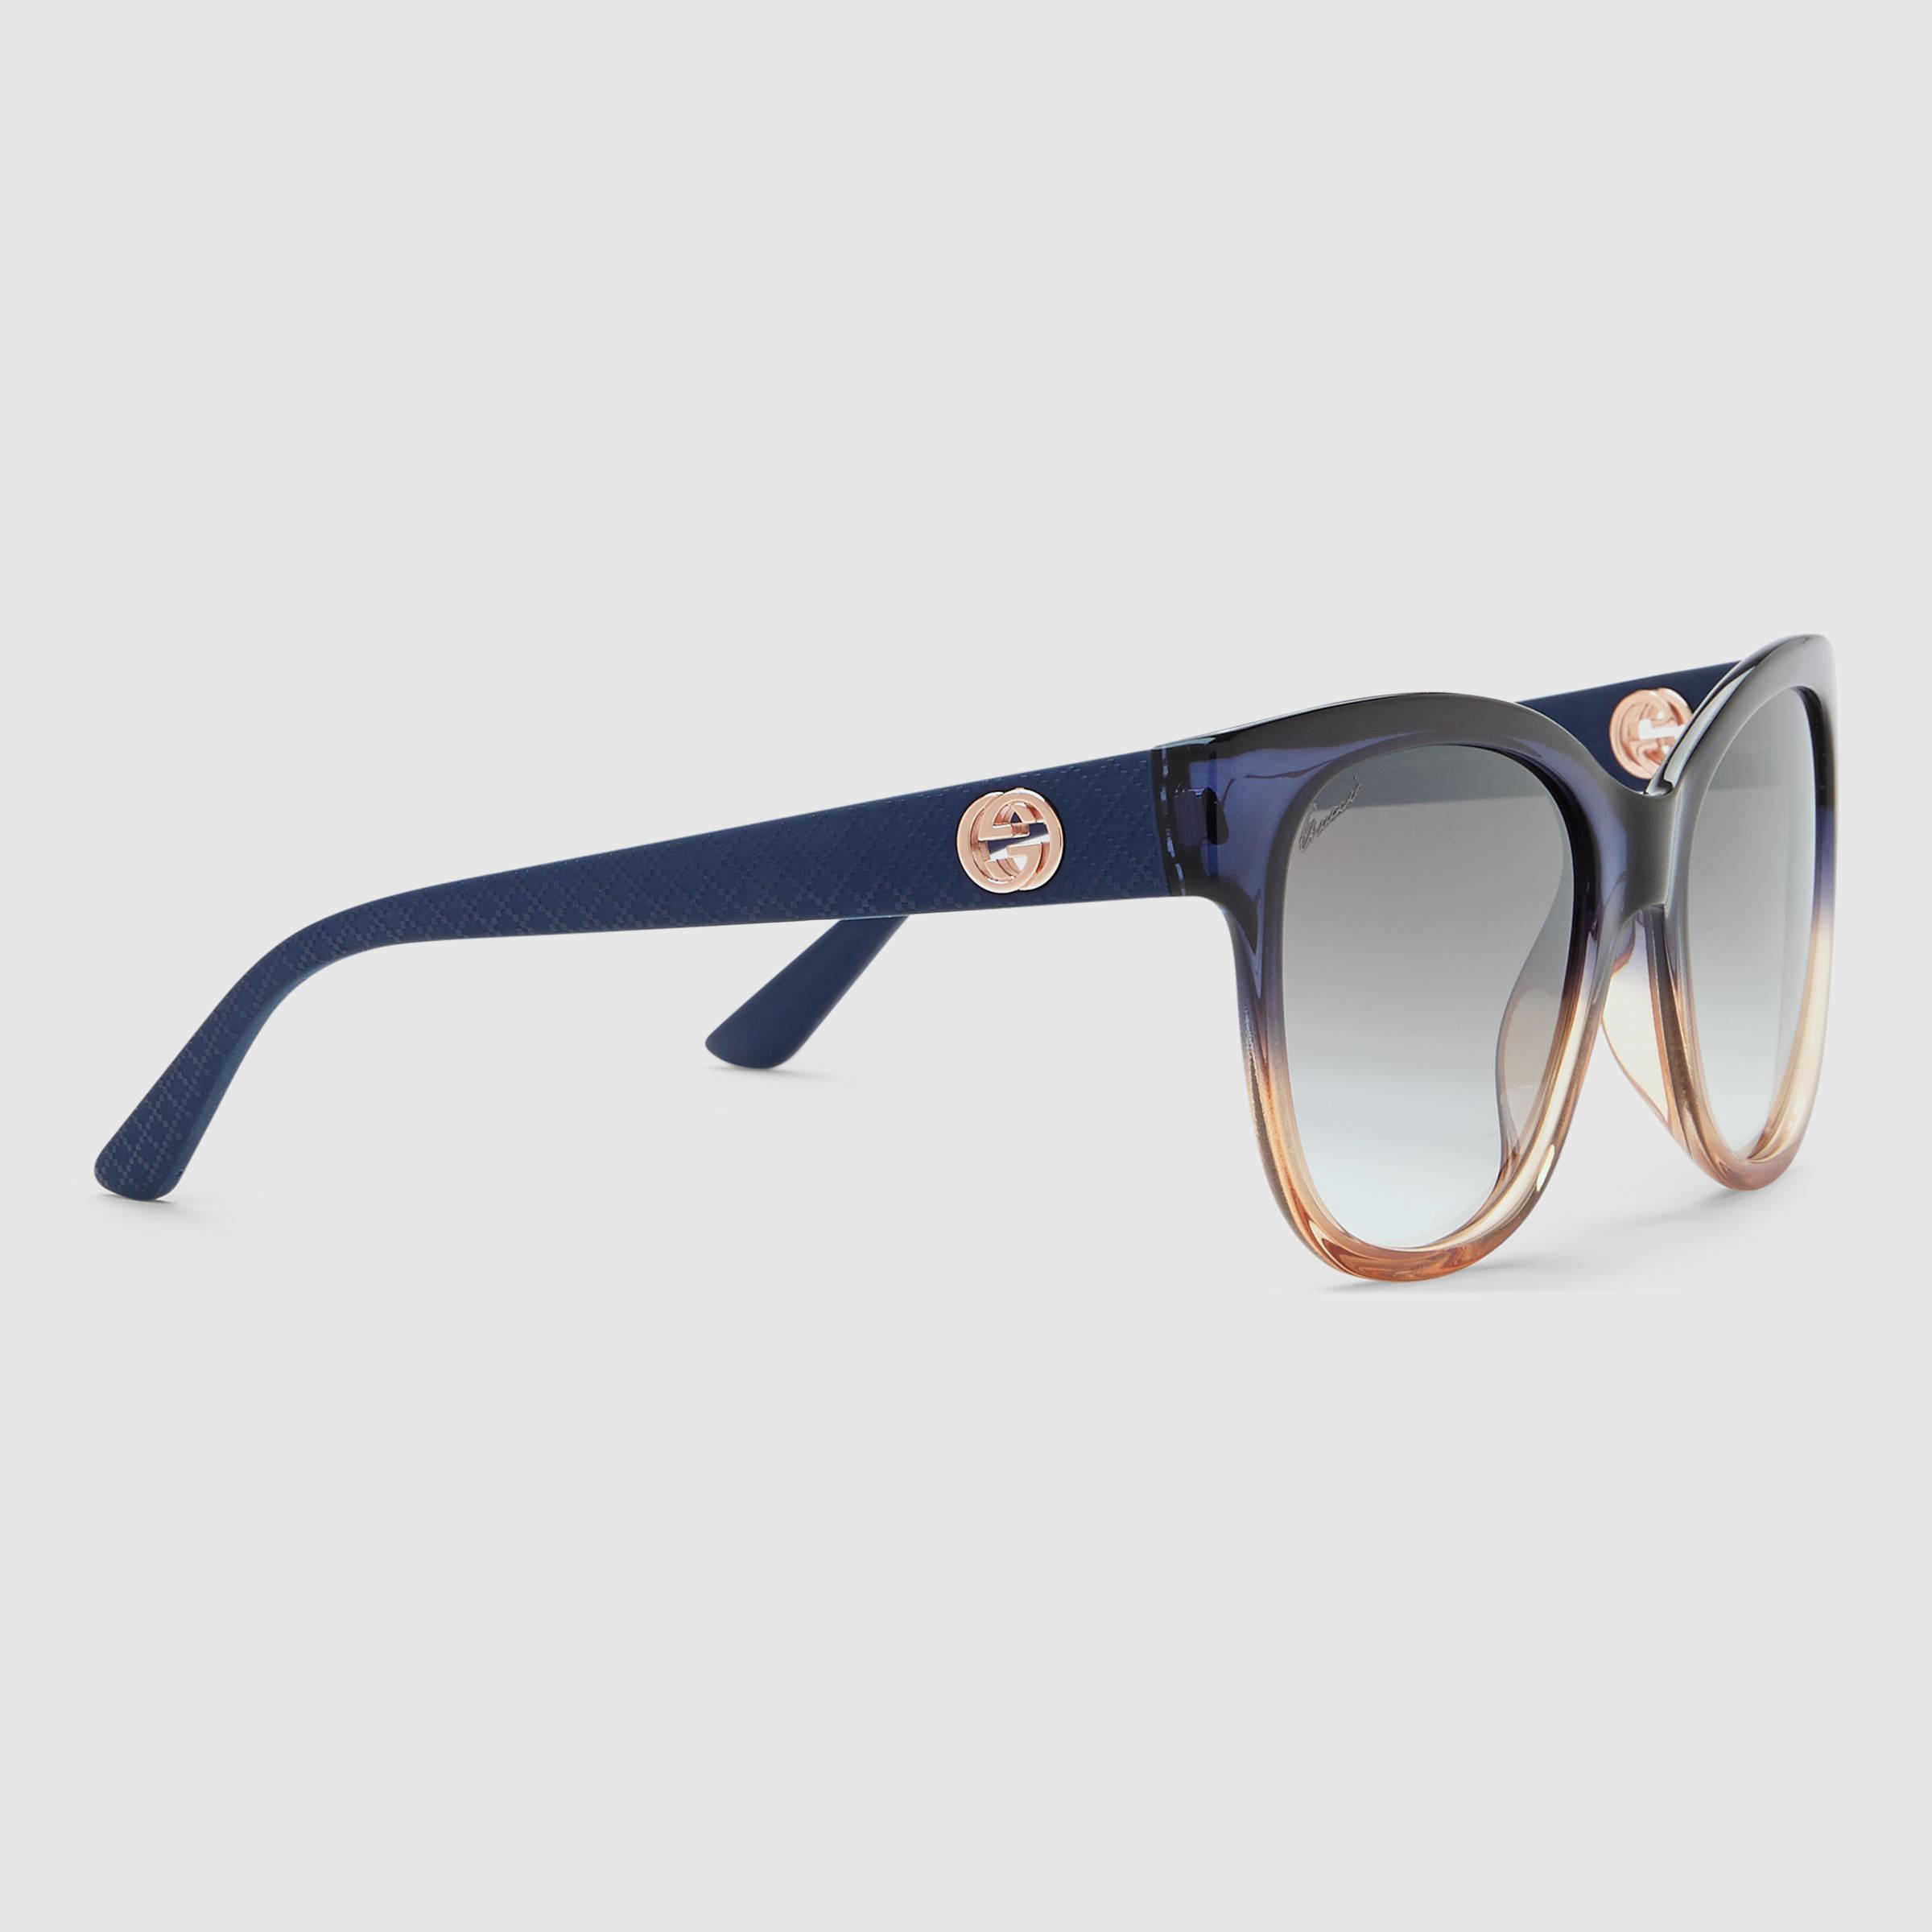 dfedc04821fe4 Gucci Blue Frames